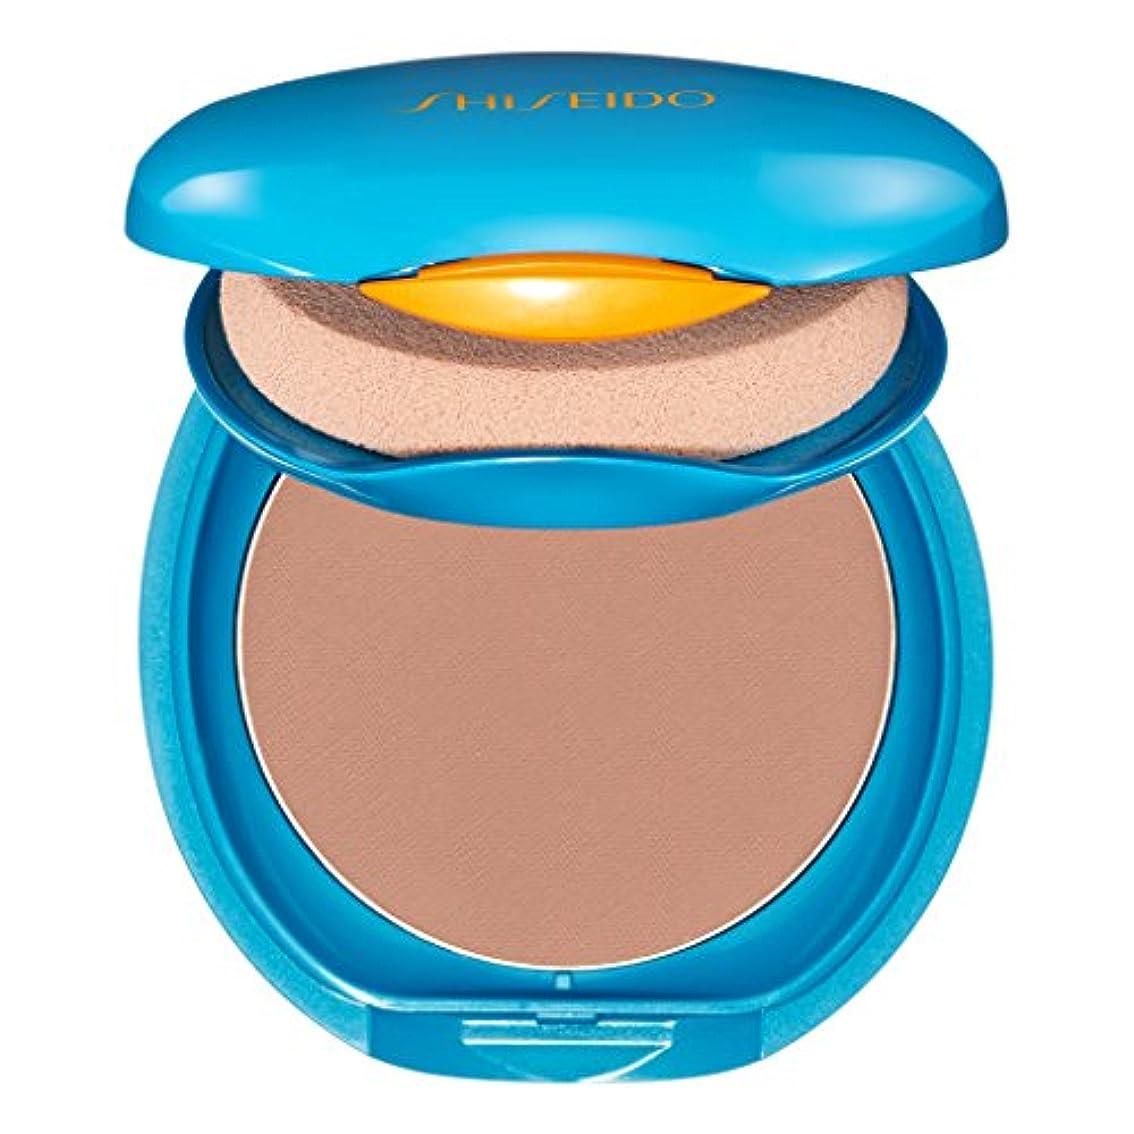 上下する泥沼抑制する資生堂 UV Protective Compact Foundation SPF 36 Refill - # SP60 Medium Beige 12g/0.42oz並行輸入品